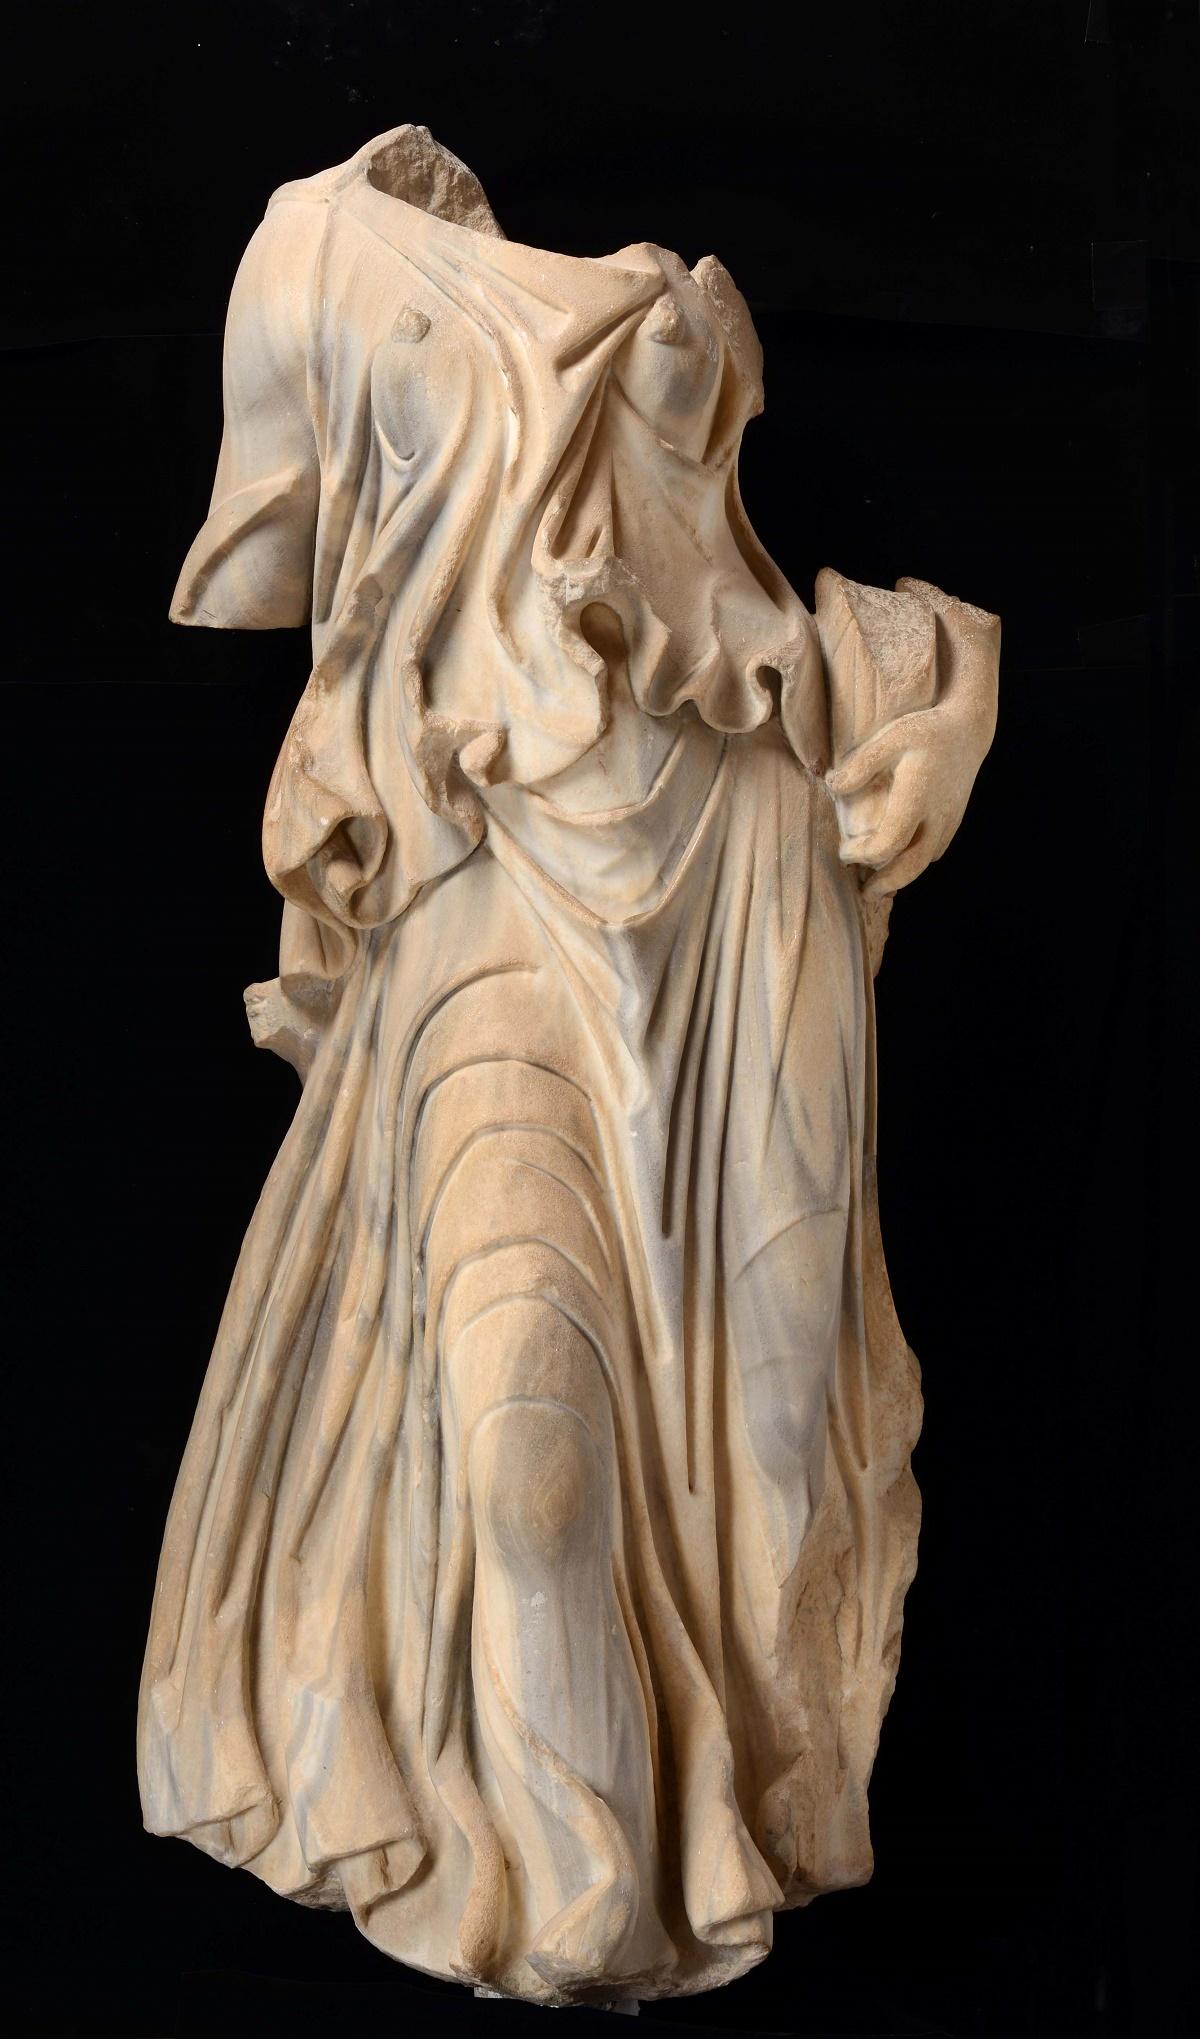 De Overvloed, Marmer, gevonden in Carthago, Musée national de Carthage, Tunesië. Foto: Rijksmuseum van Oudheden